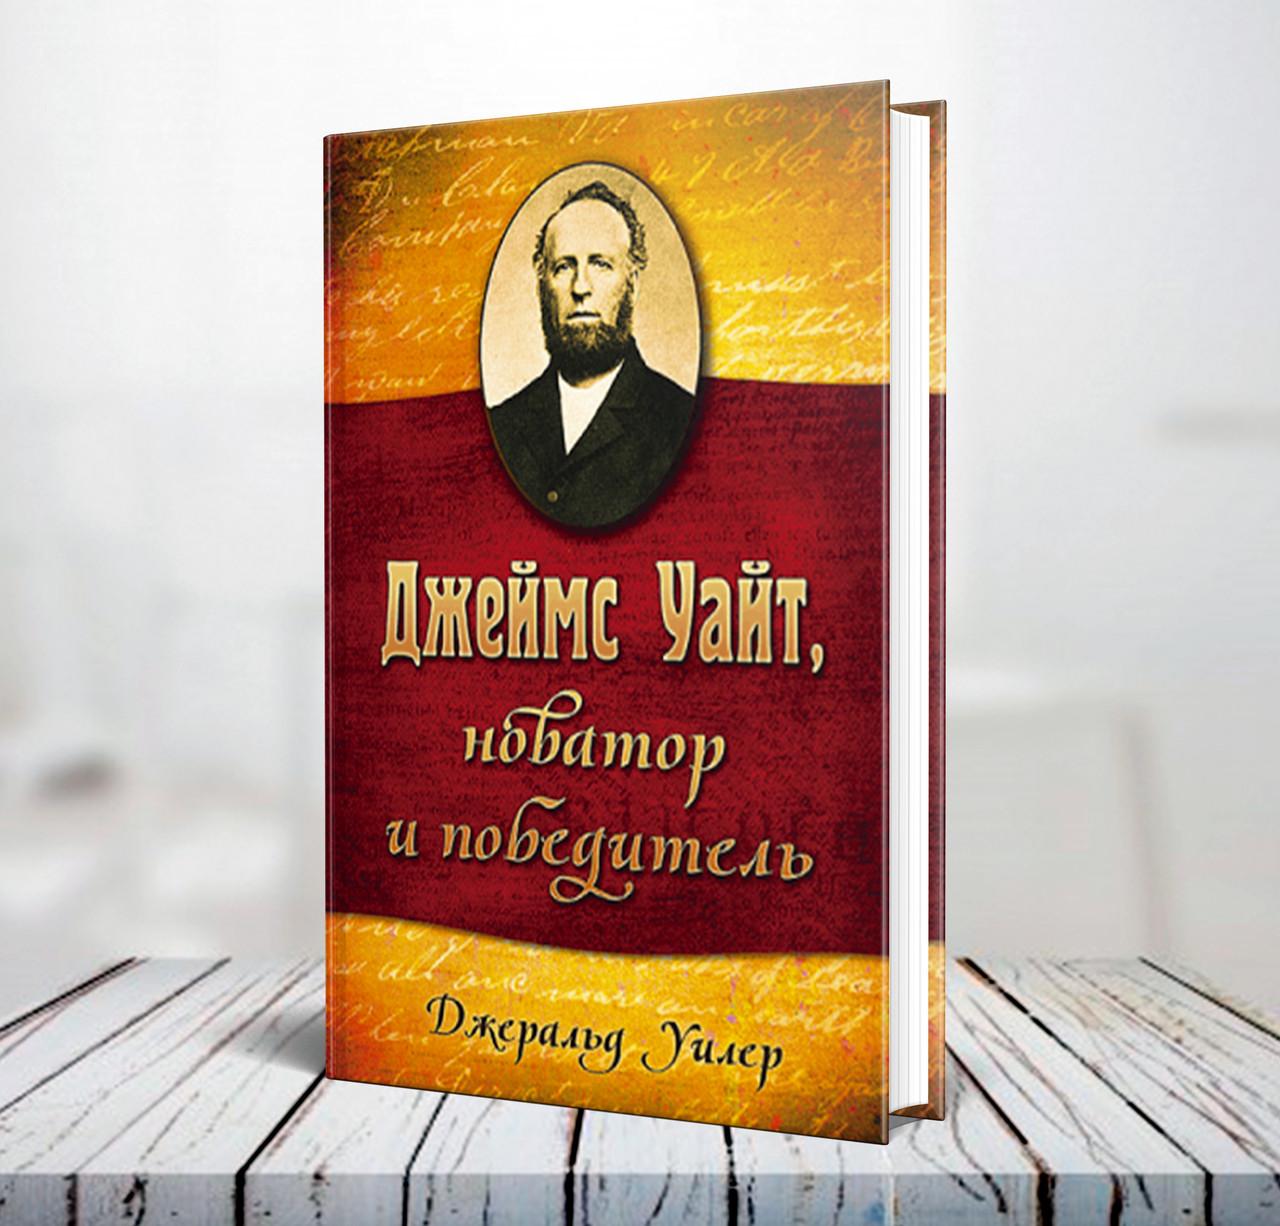 Джеймс Уайт, новатор и победитель – Джеральд Уилер